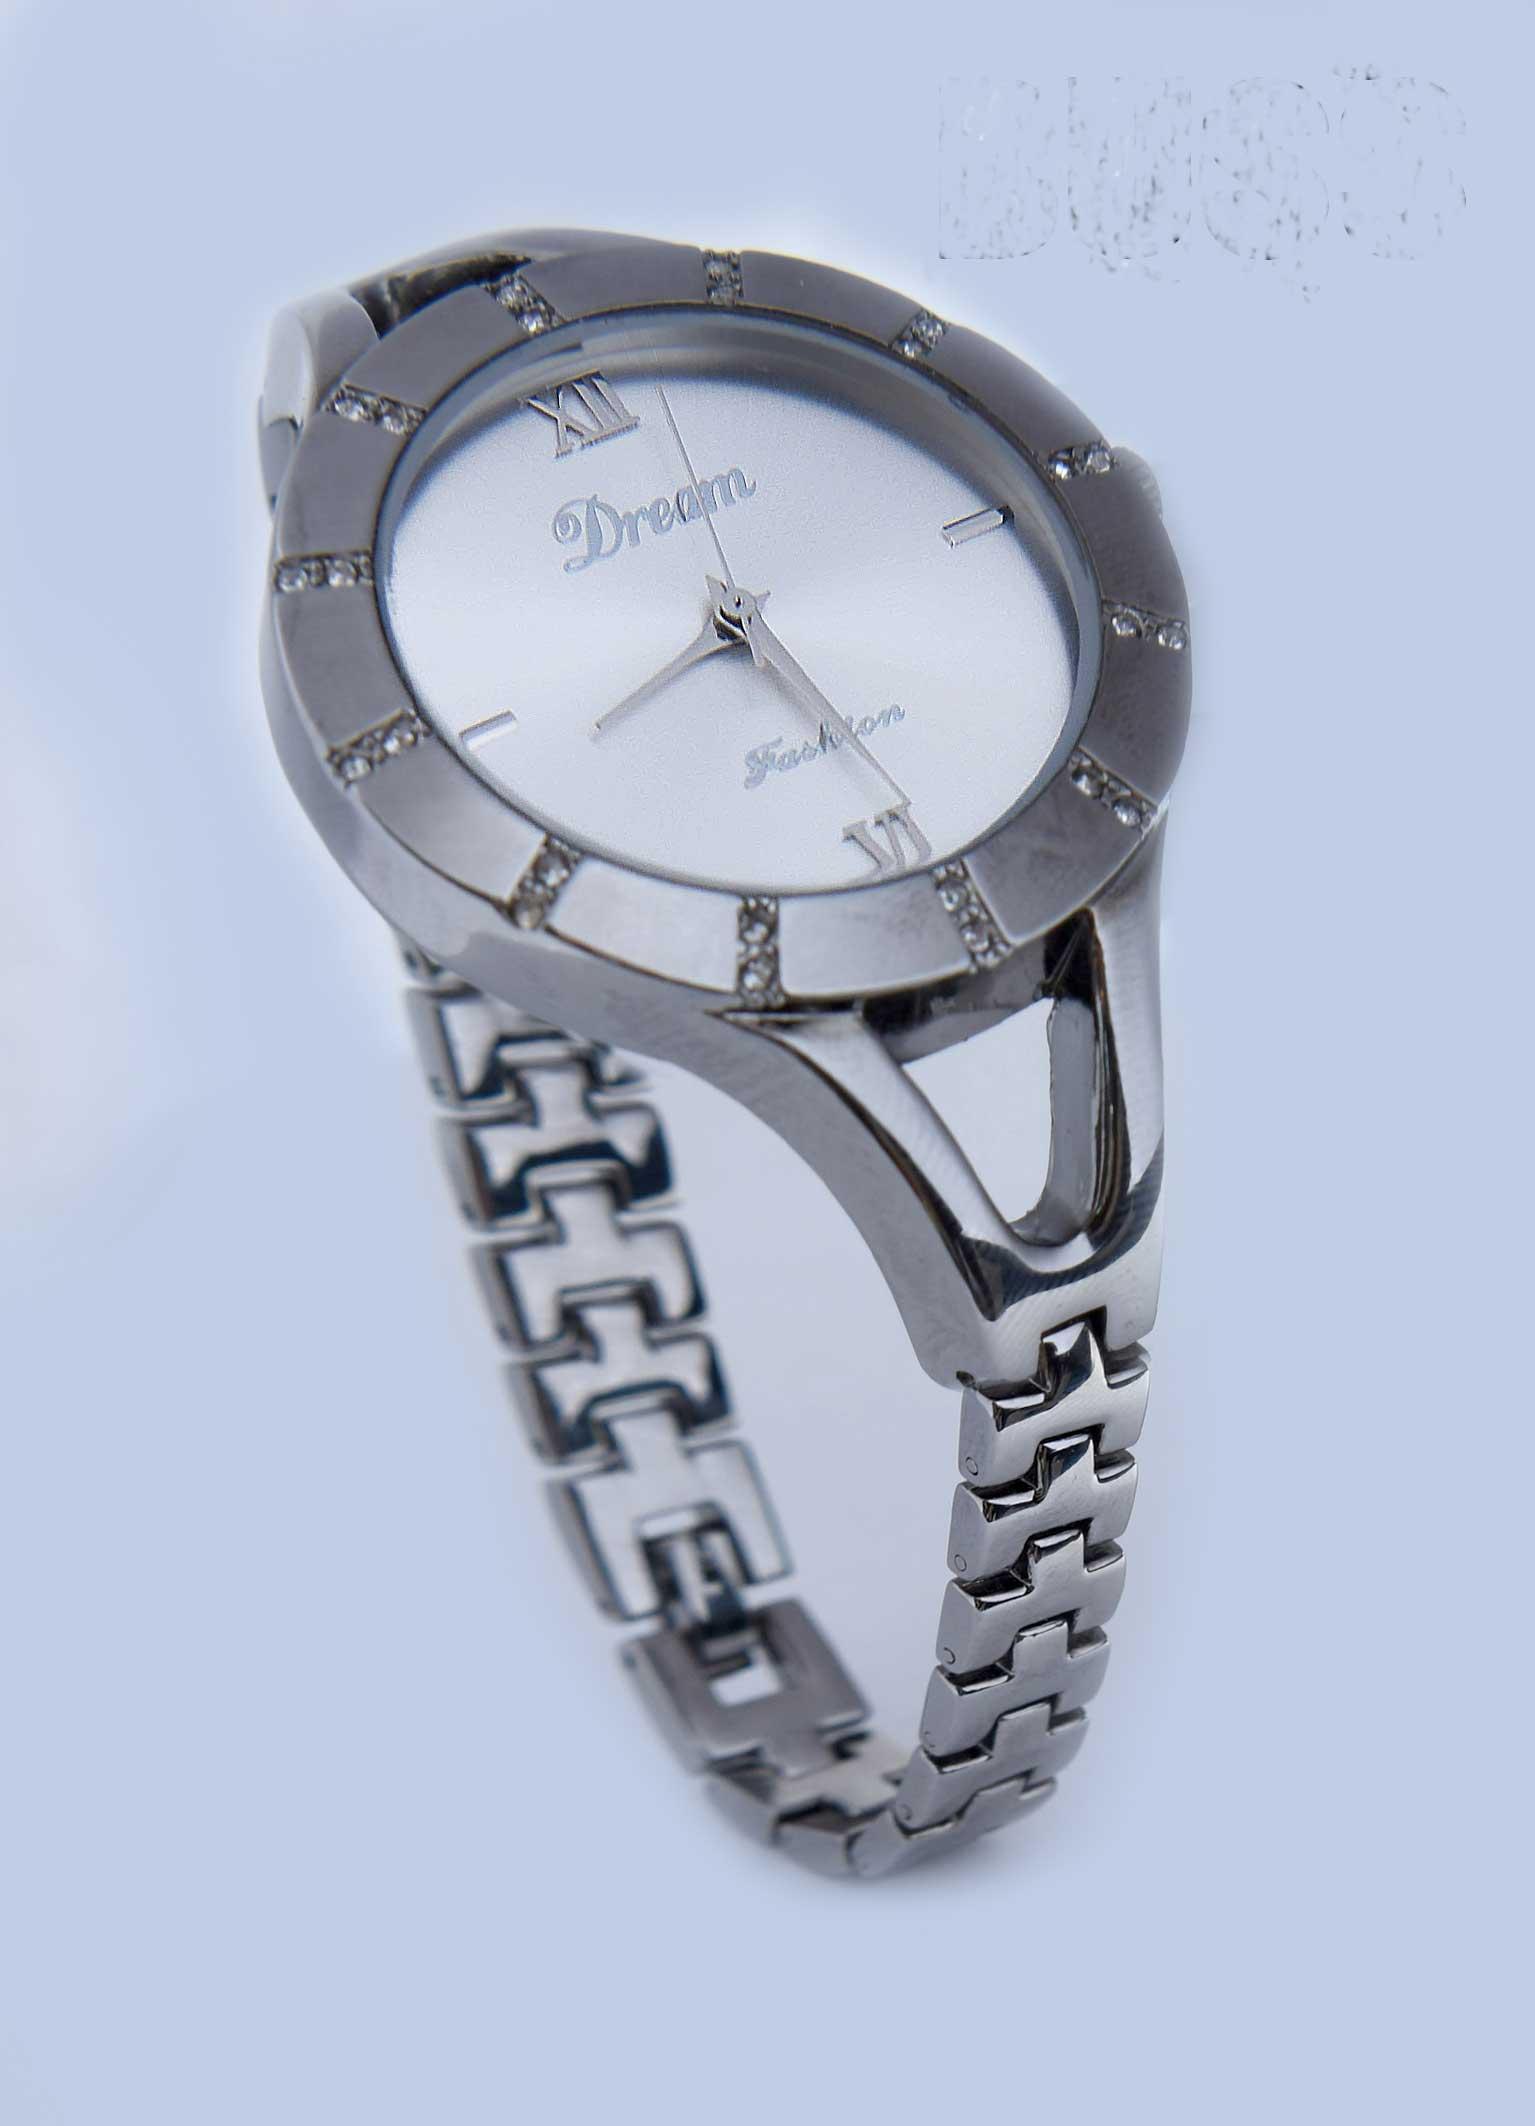 فروش ساعت مچی زنانه دریم با کیفیت